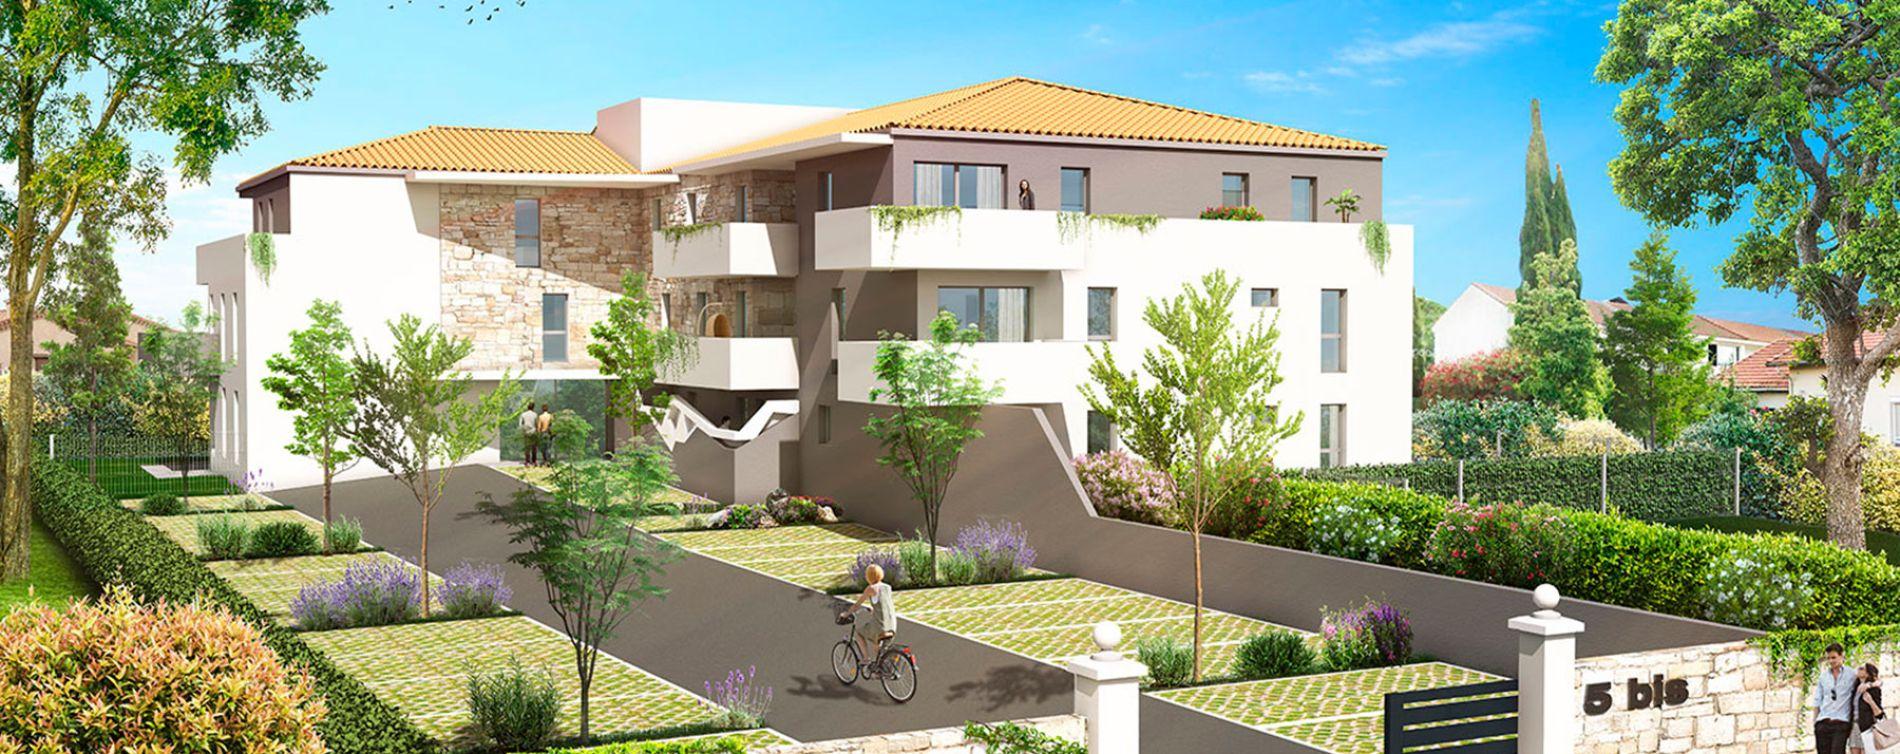 Résidence Les Jardins de Sidonie à Frontignan